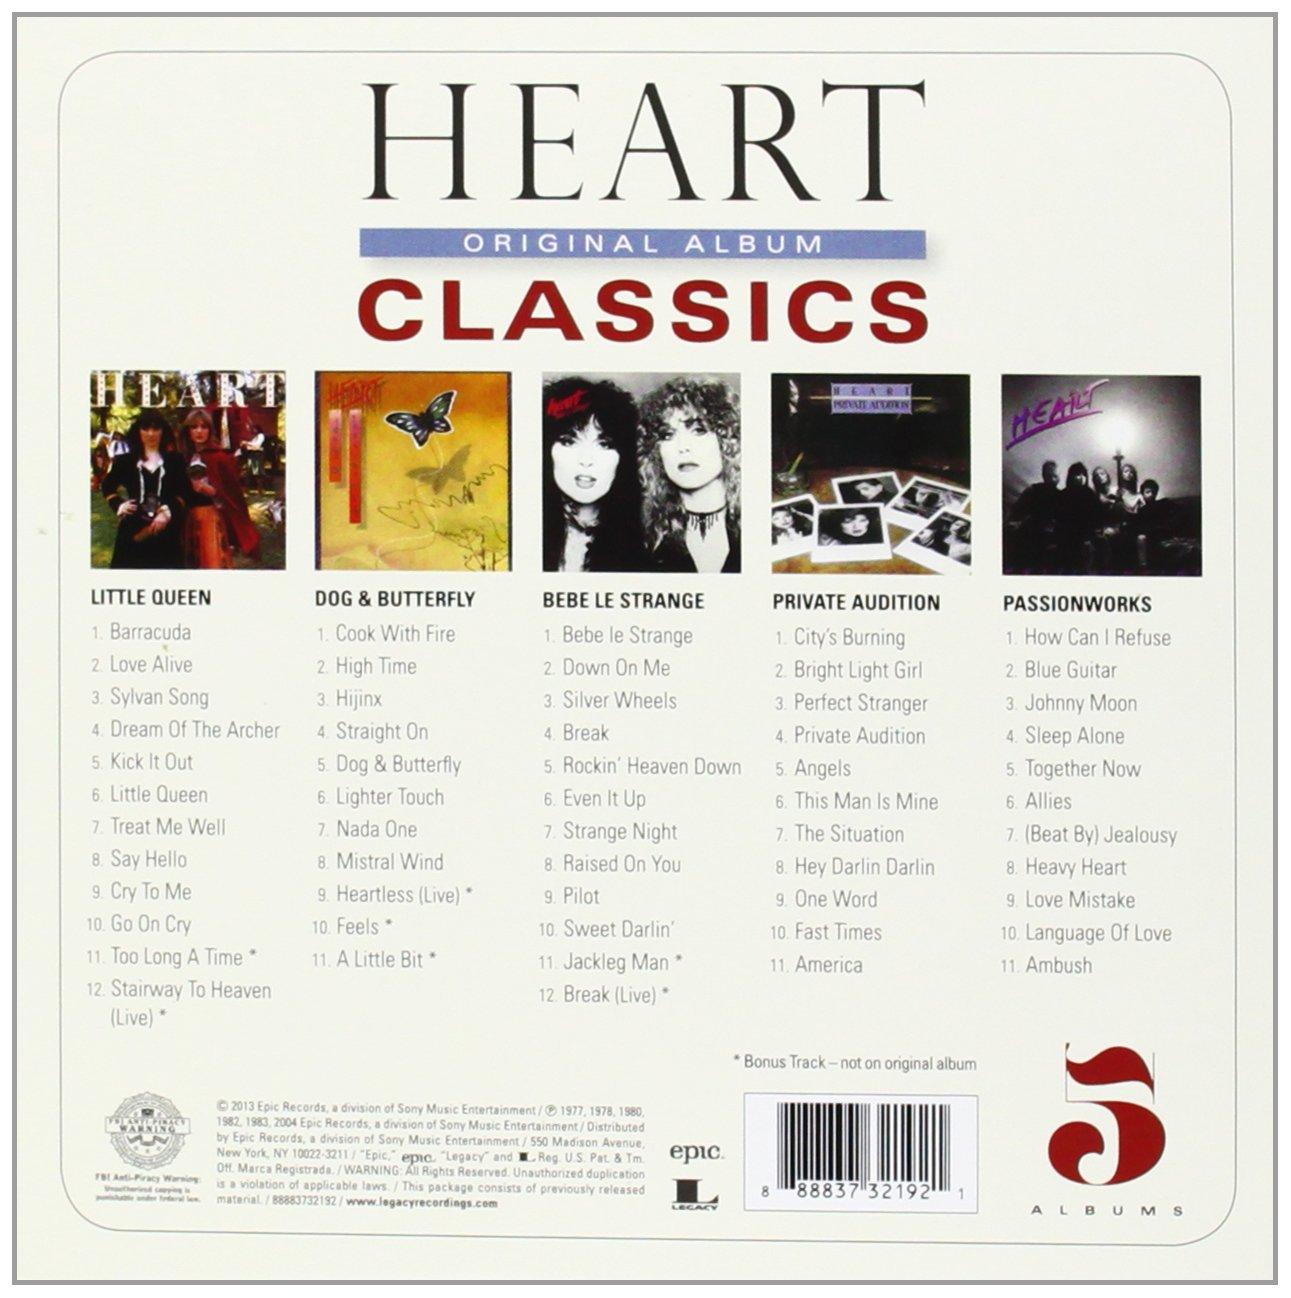 Heart - Original Album Classics - Amazon.com Music